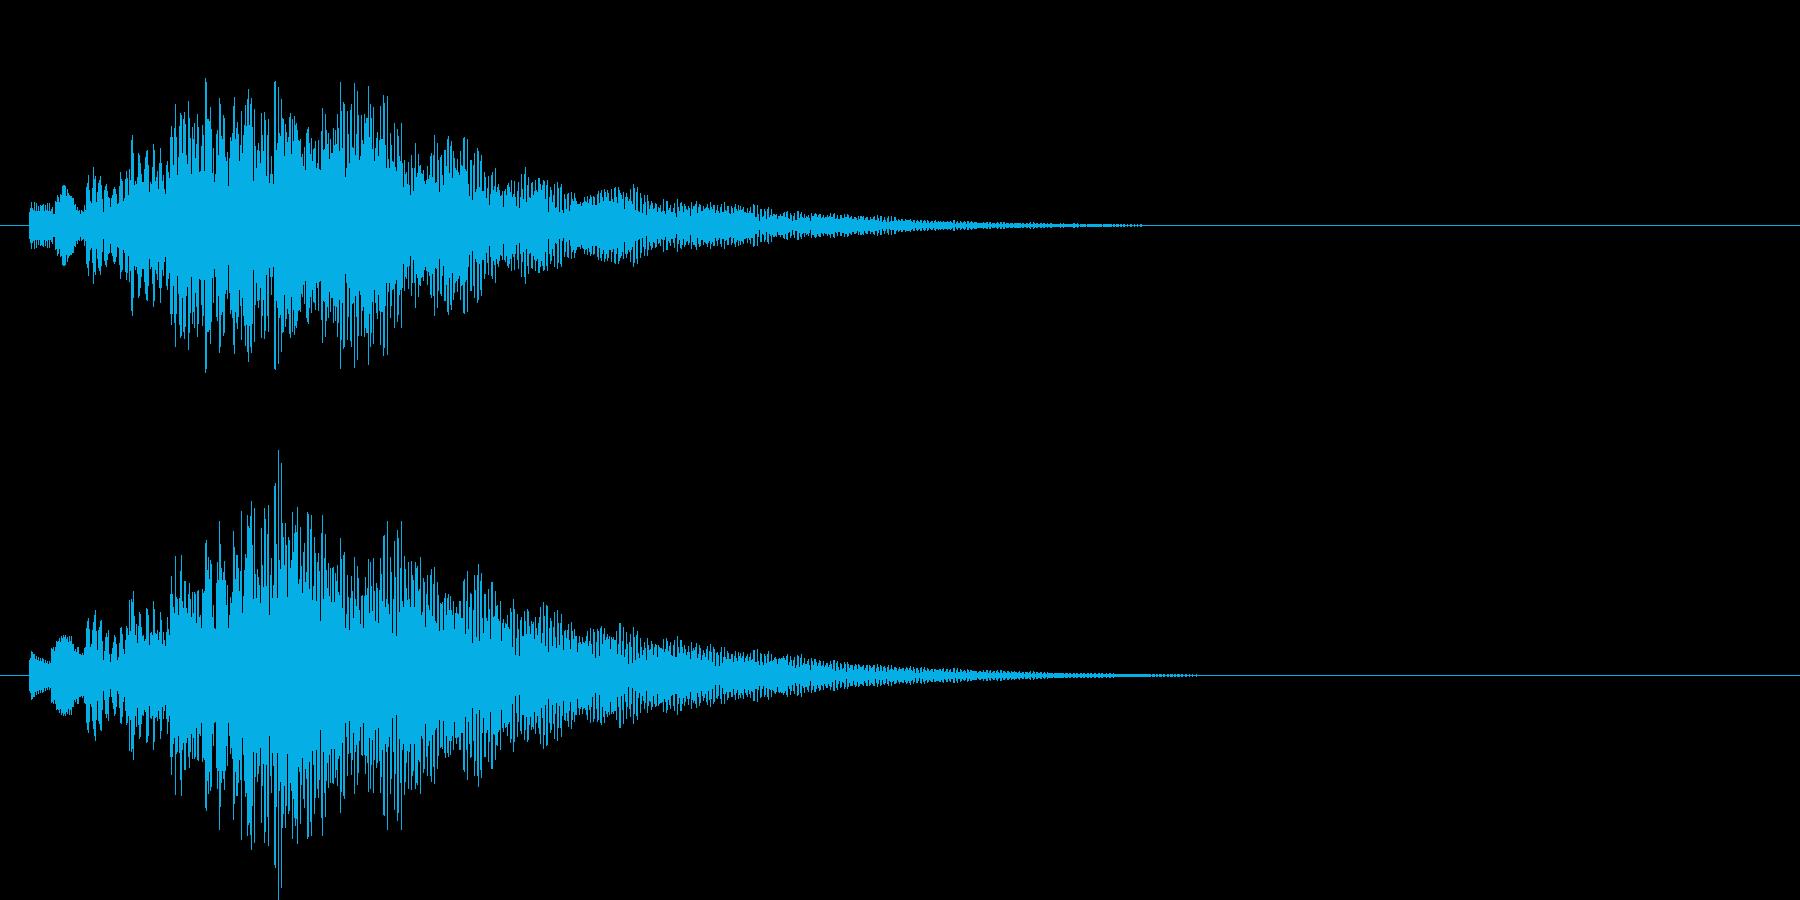 アラーム音11 ハープ(maj7)の再生済みの波形